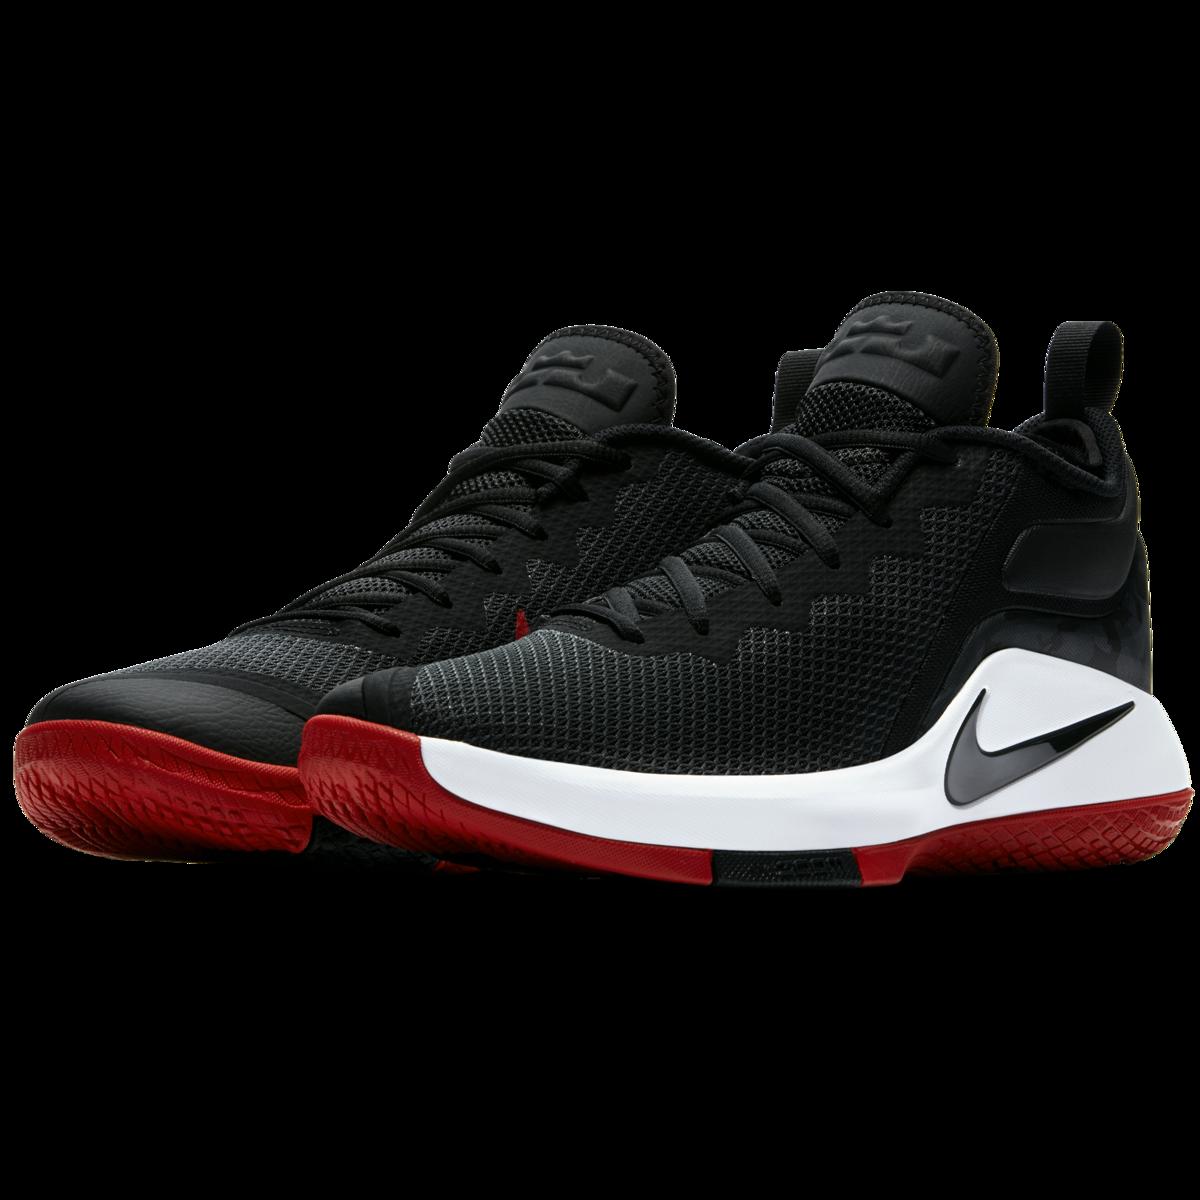 ecdfc7b50236e ... Nike LeBron Zoom Witness 2 Shoes - 942518-006 ...